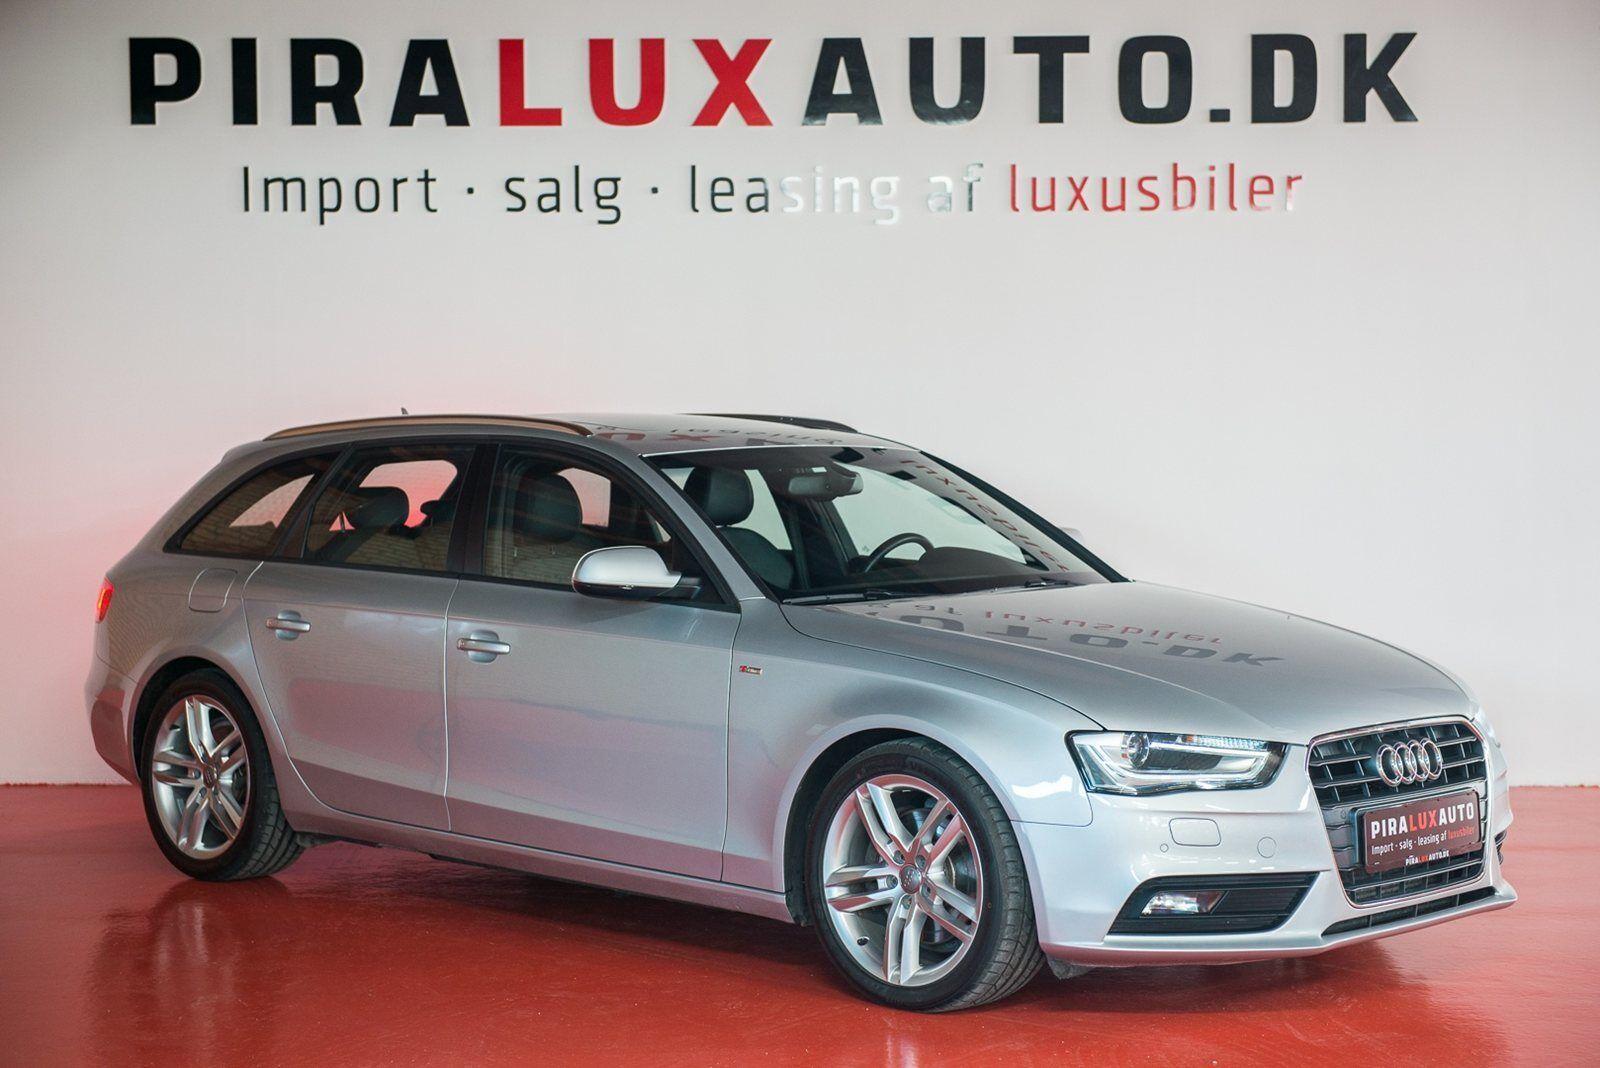 Audi A4 3,0 TDi 204 S-line Avant Multitr. 5d - 359.900 kr.